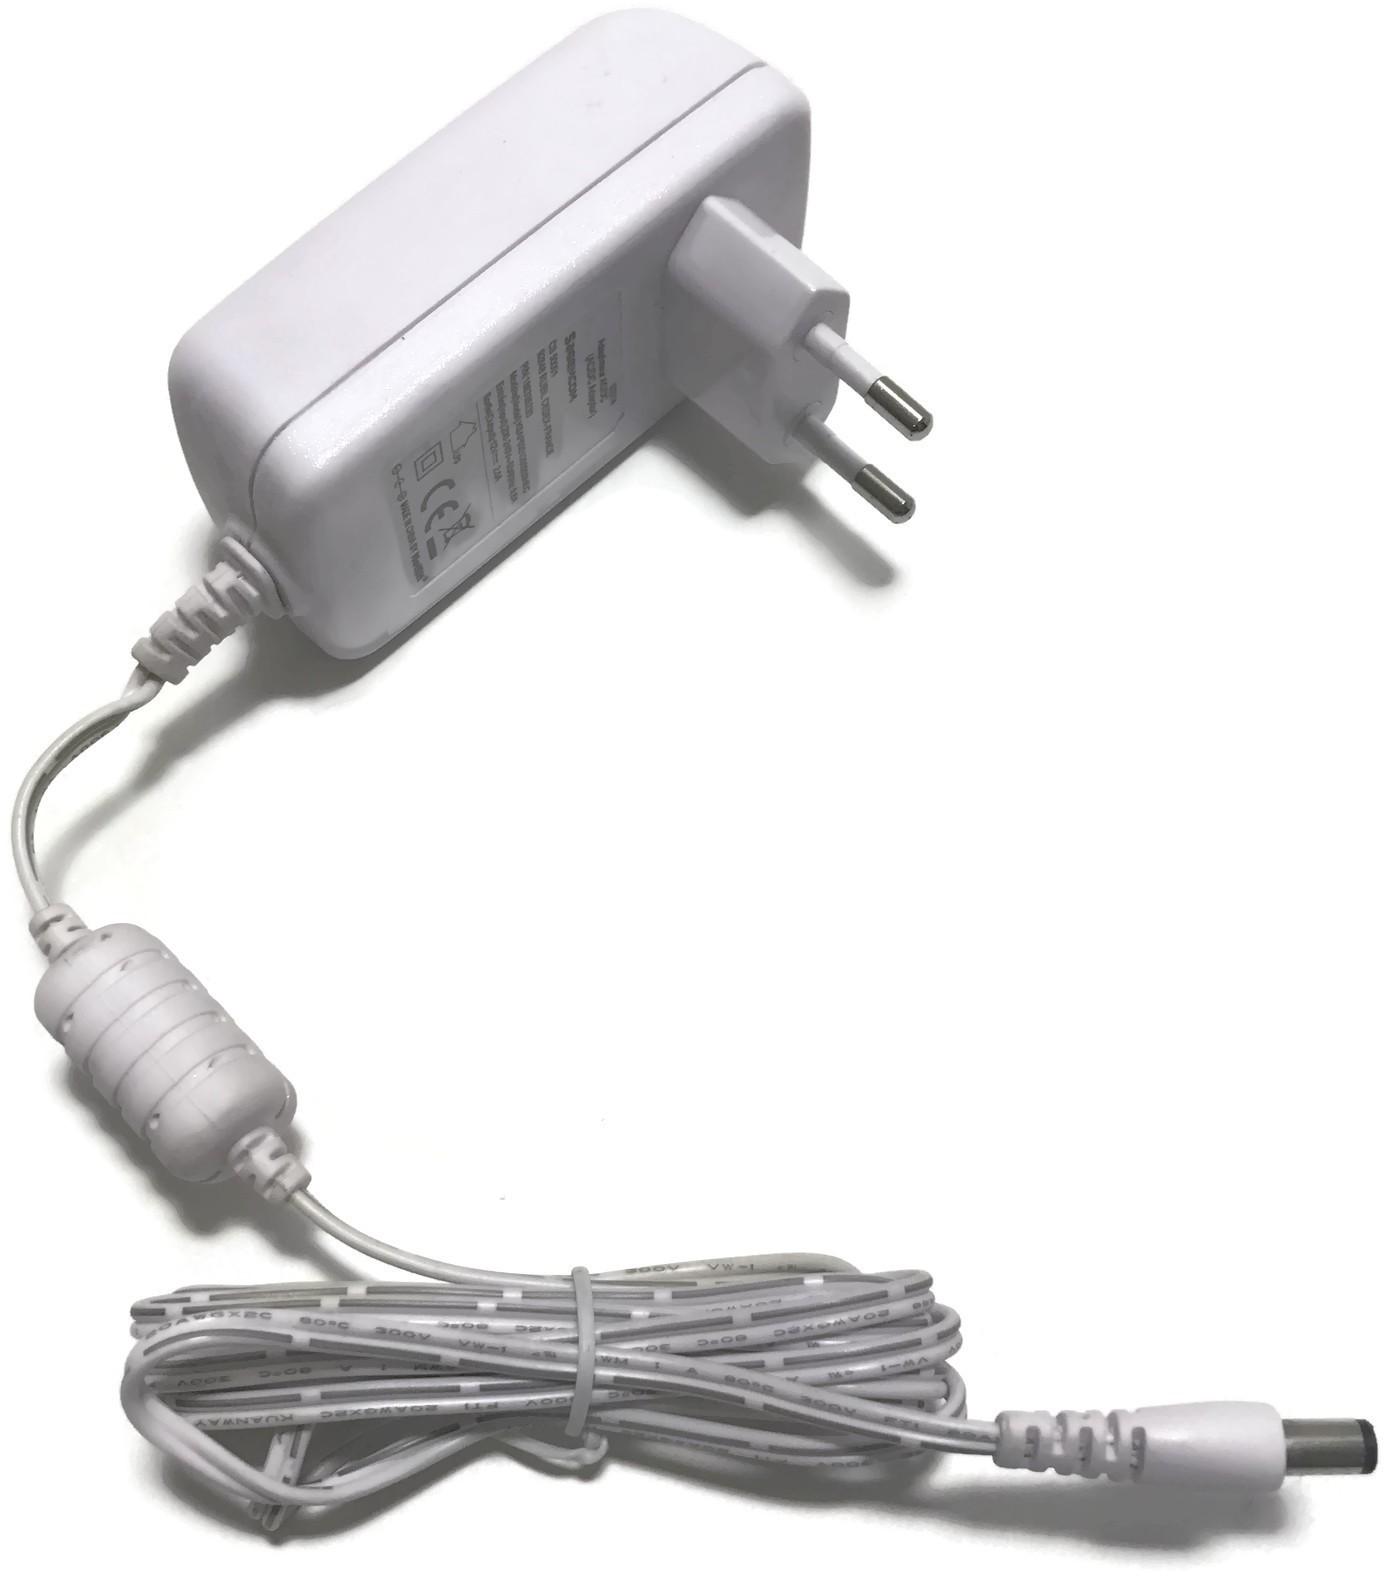 ZASILACZ WTYCZKOWY 12V 24W 2A TAŚMA LED SMD, CCTV